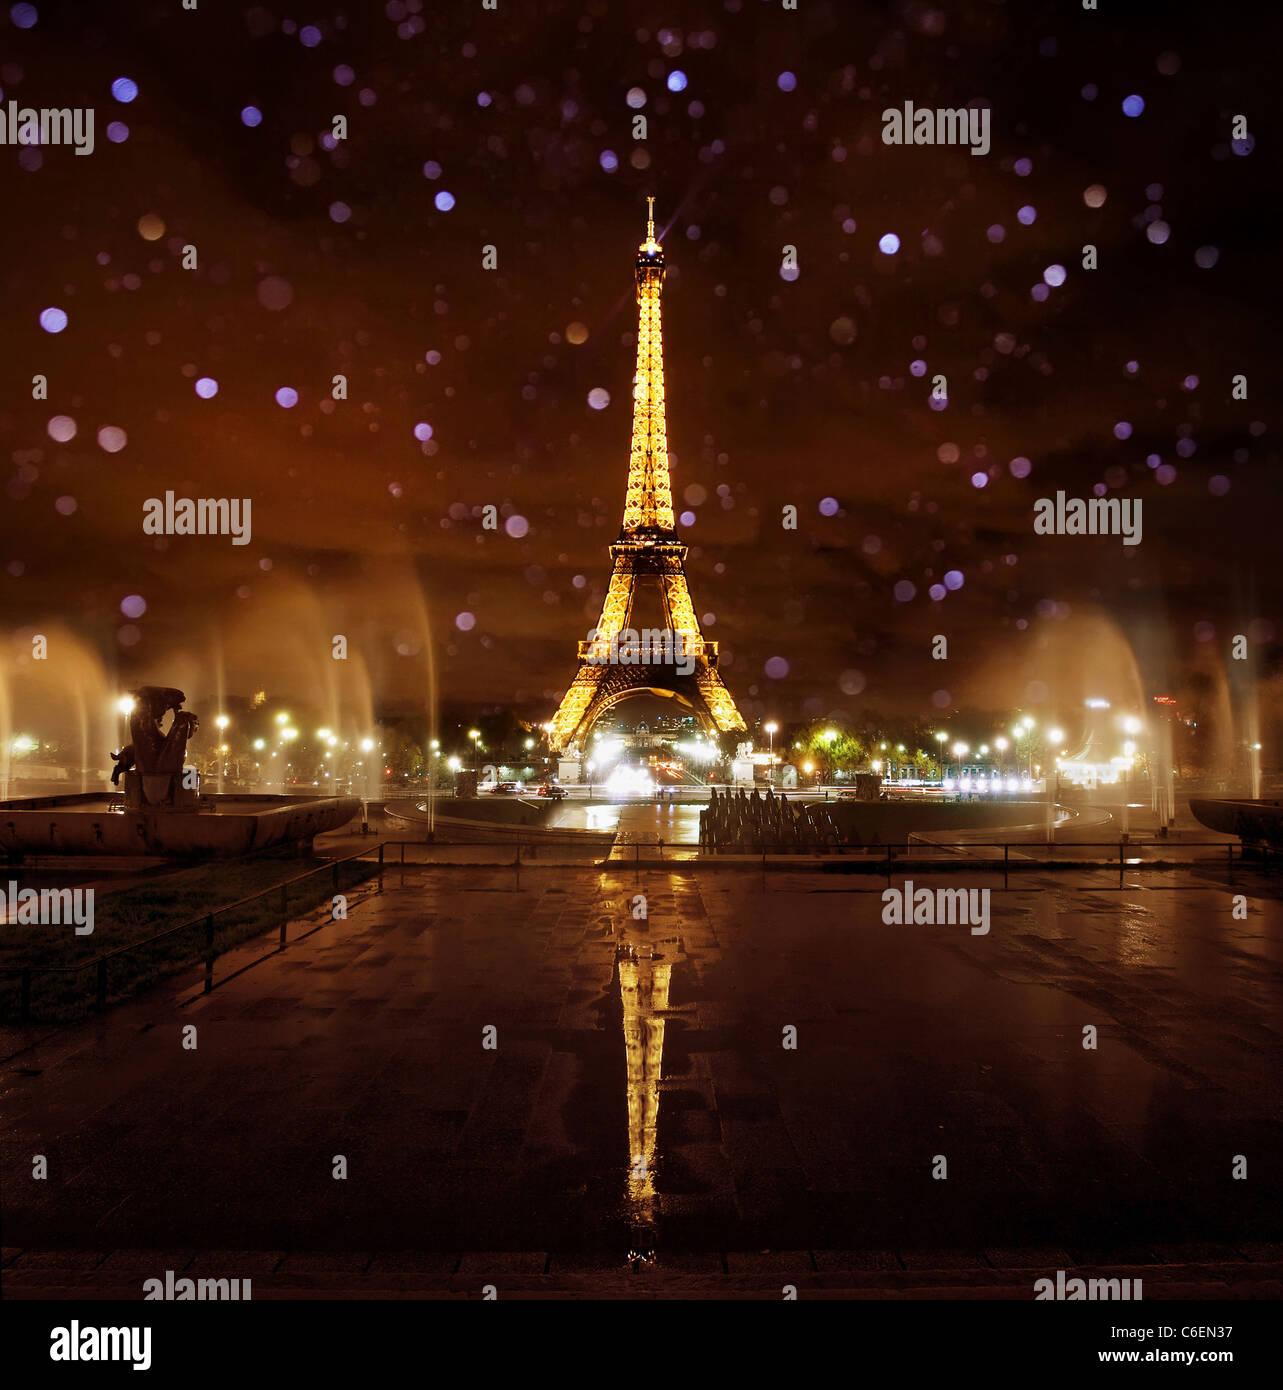 La torre Eiffel illuminata di notte, Parigi Immagini Stock